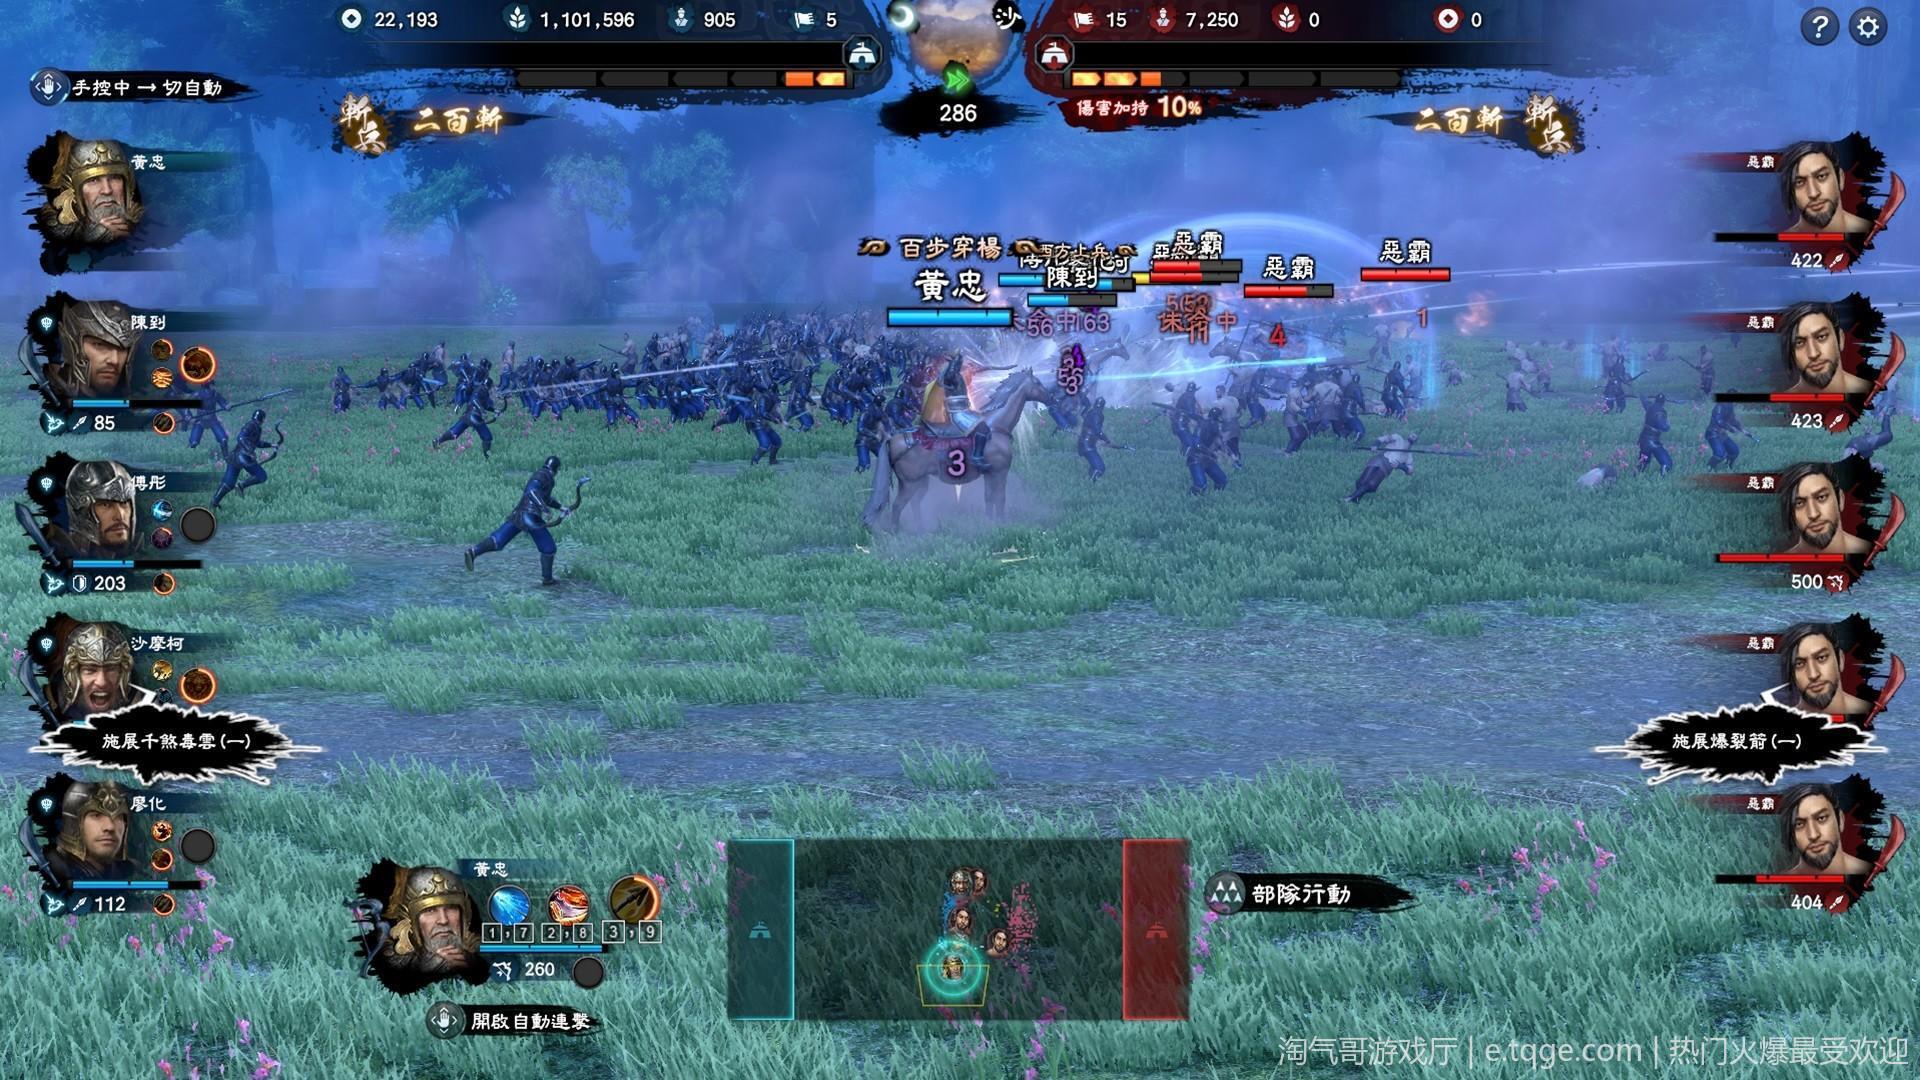 三国群英传8/Sango Heroes 8 热门游戏 第2张